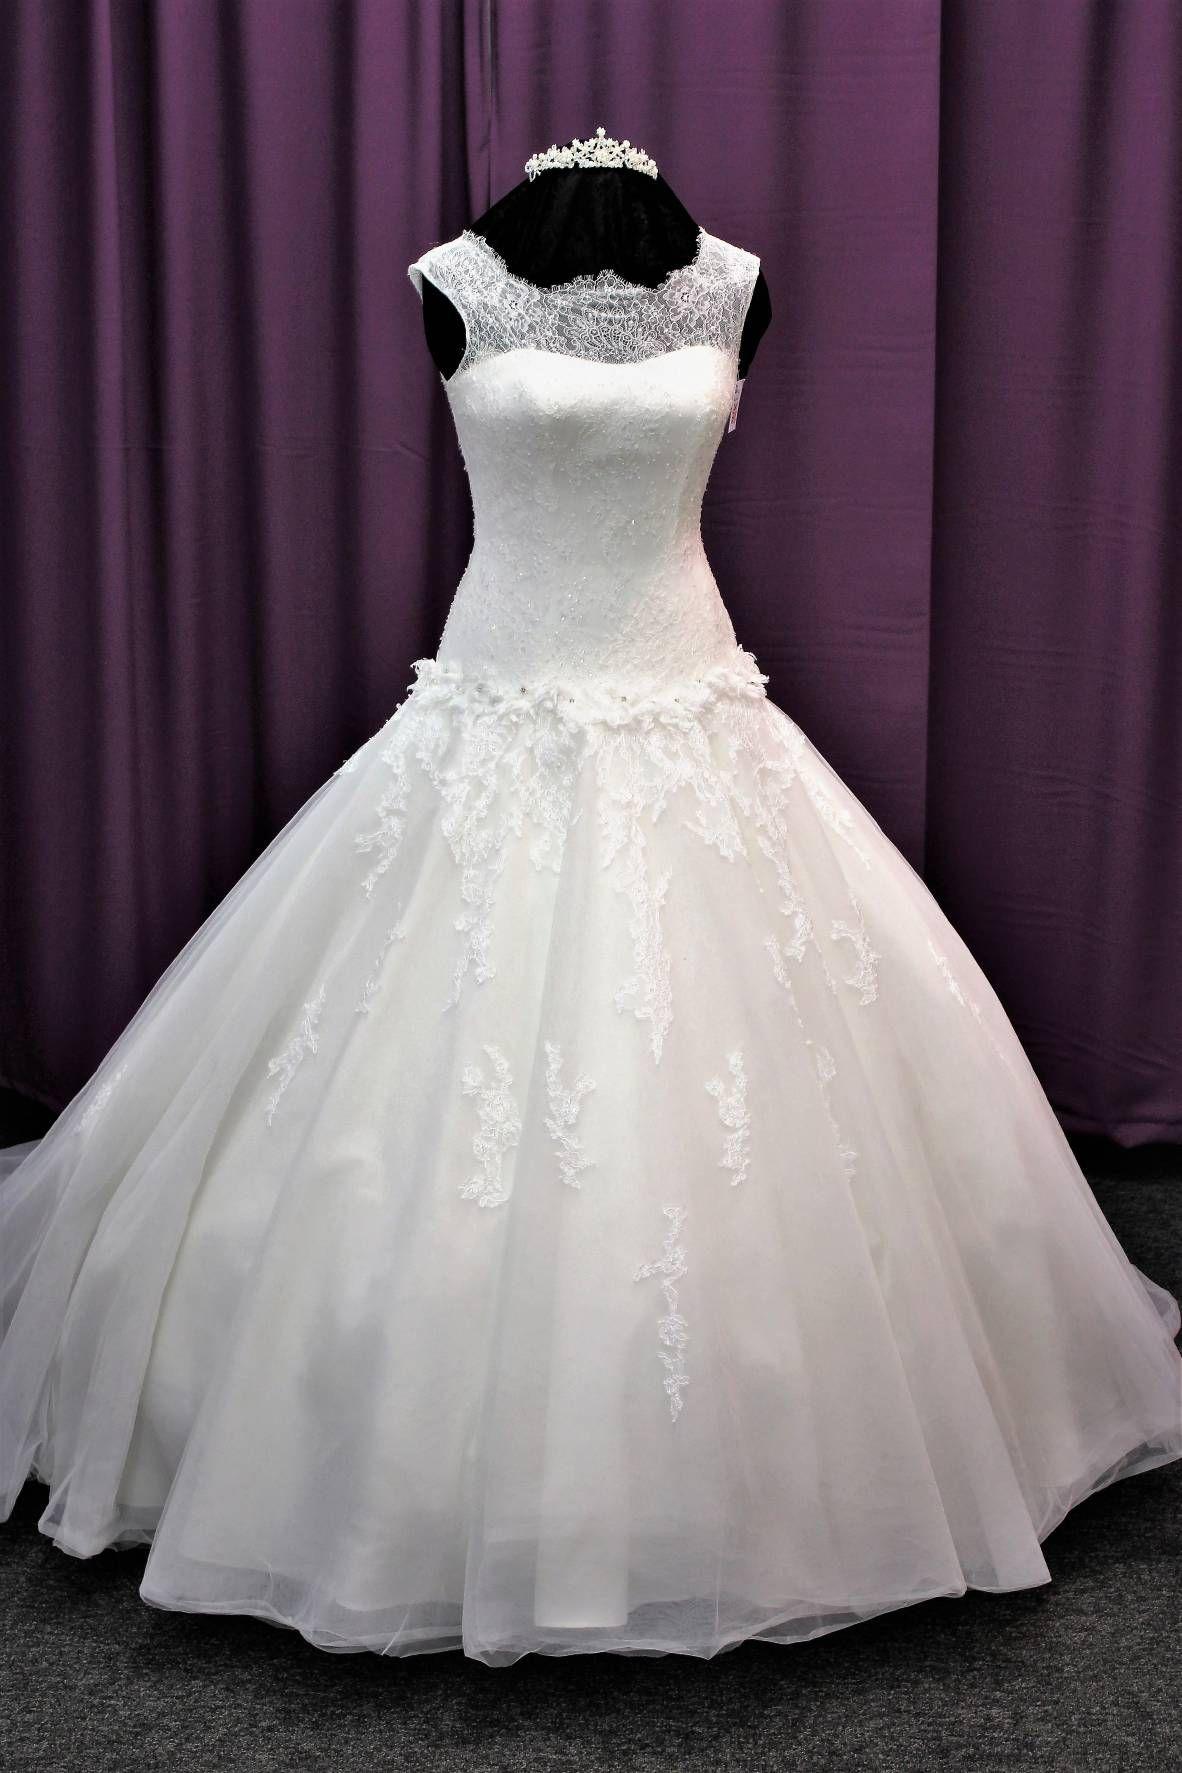 gebrauchte Brautkleider und Abendkleider La Belle Uffenheim